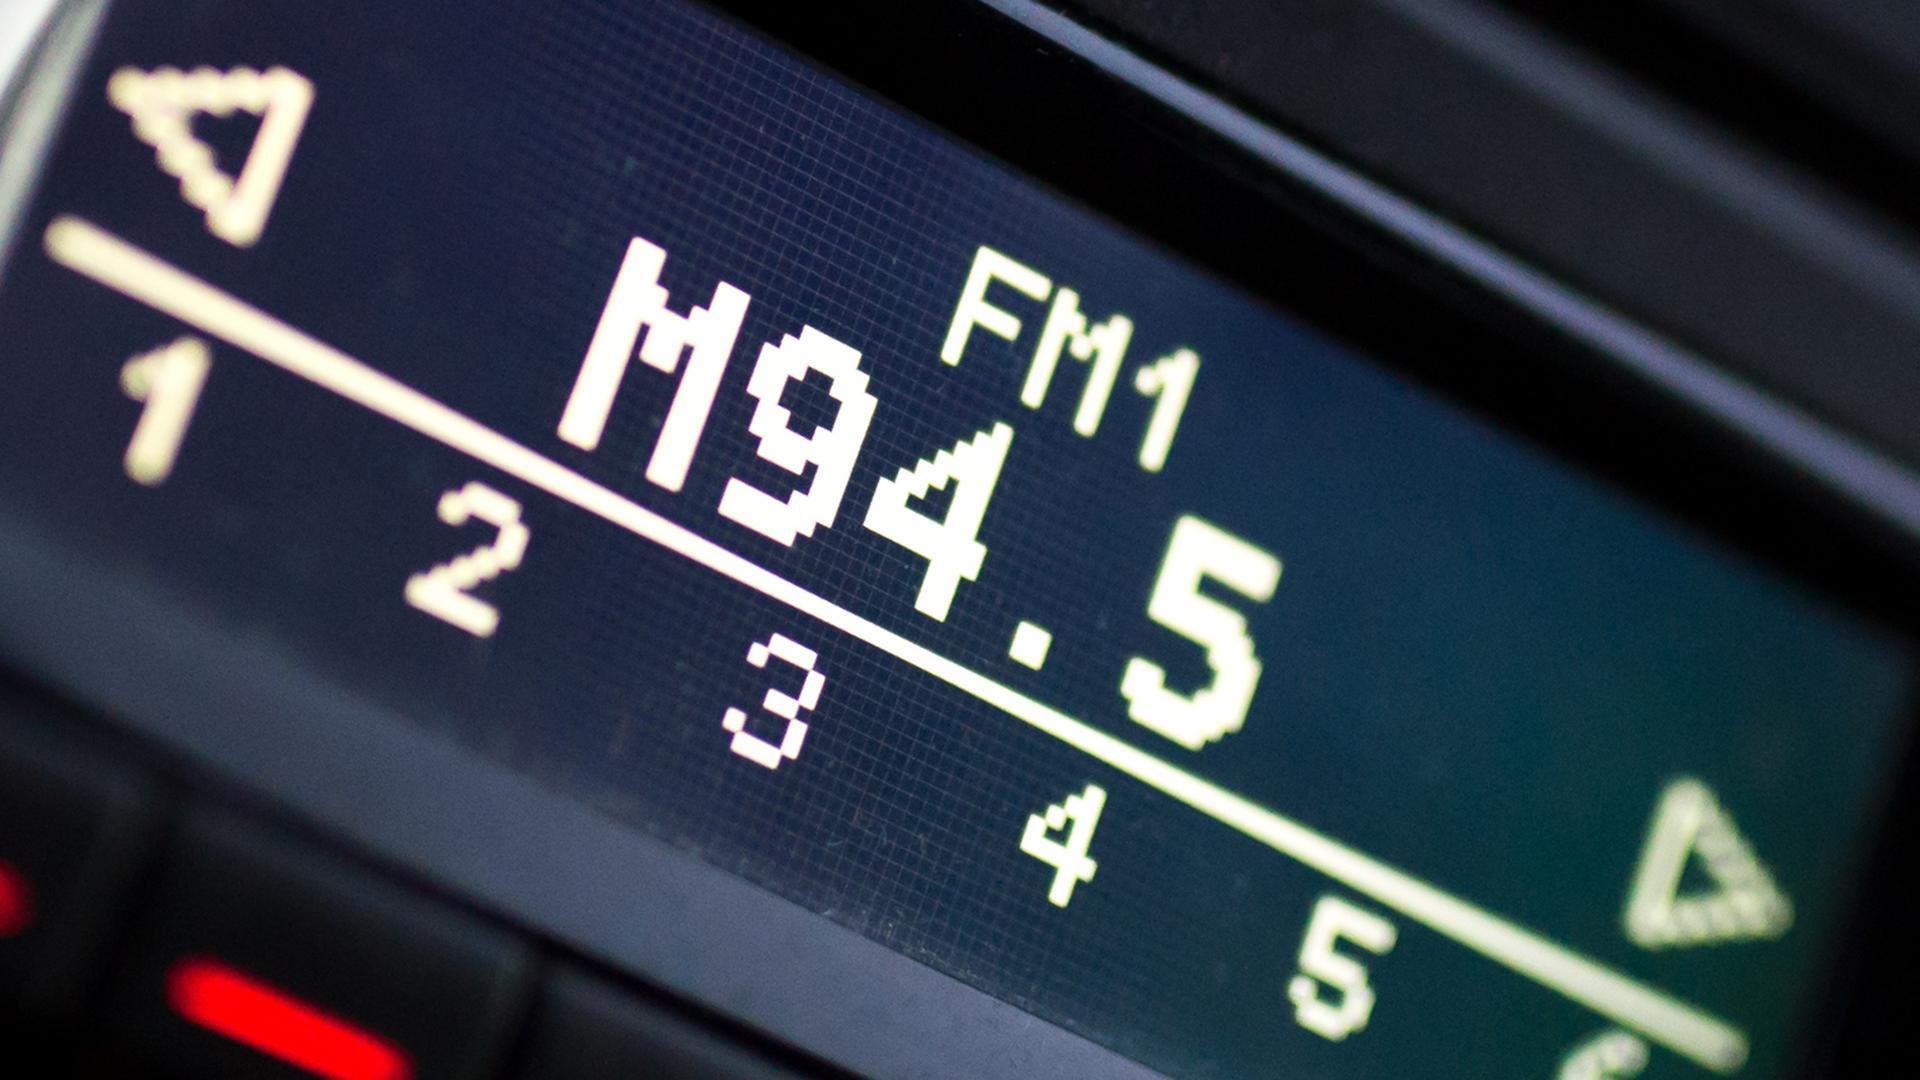 Auf einem Autoradio ist am 15.02.2017 in München (Bayern) die Frequenz 94,50 MHz eingestellt.